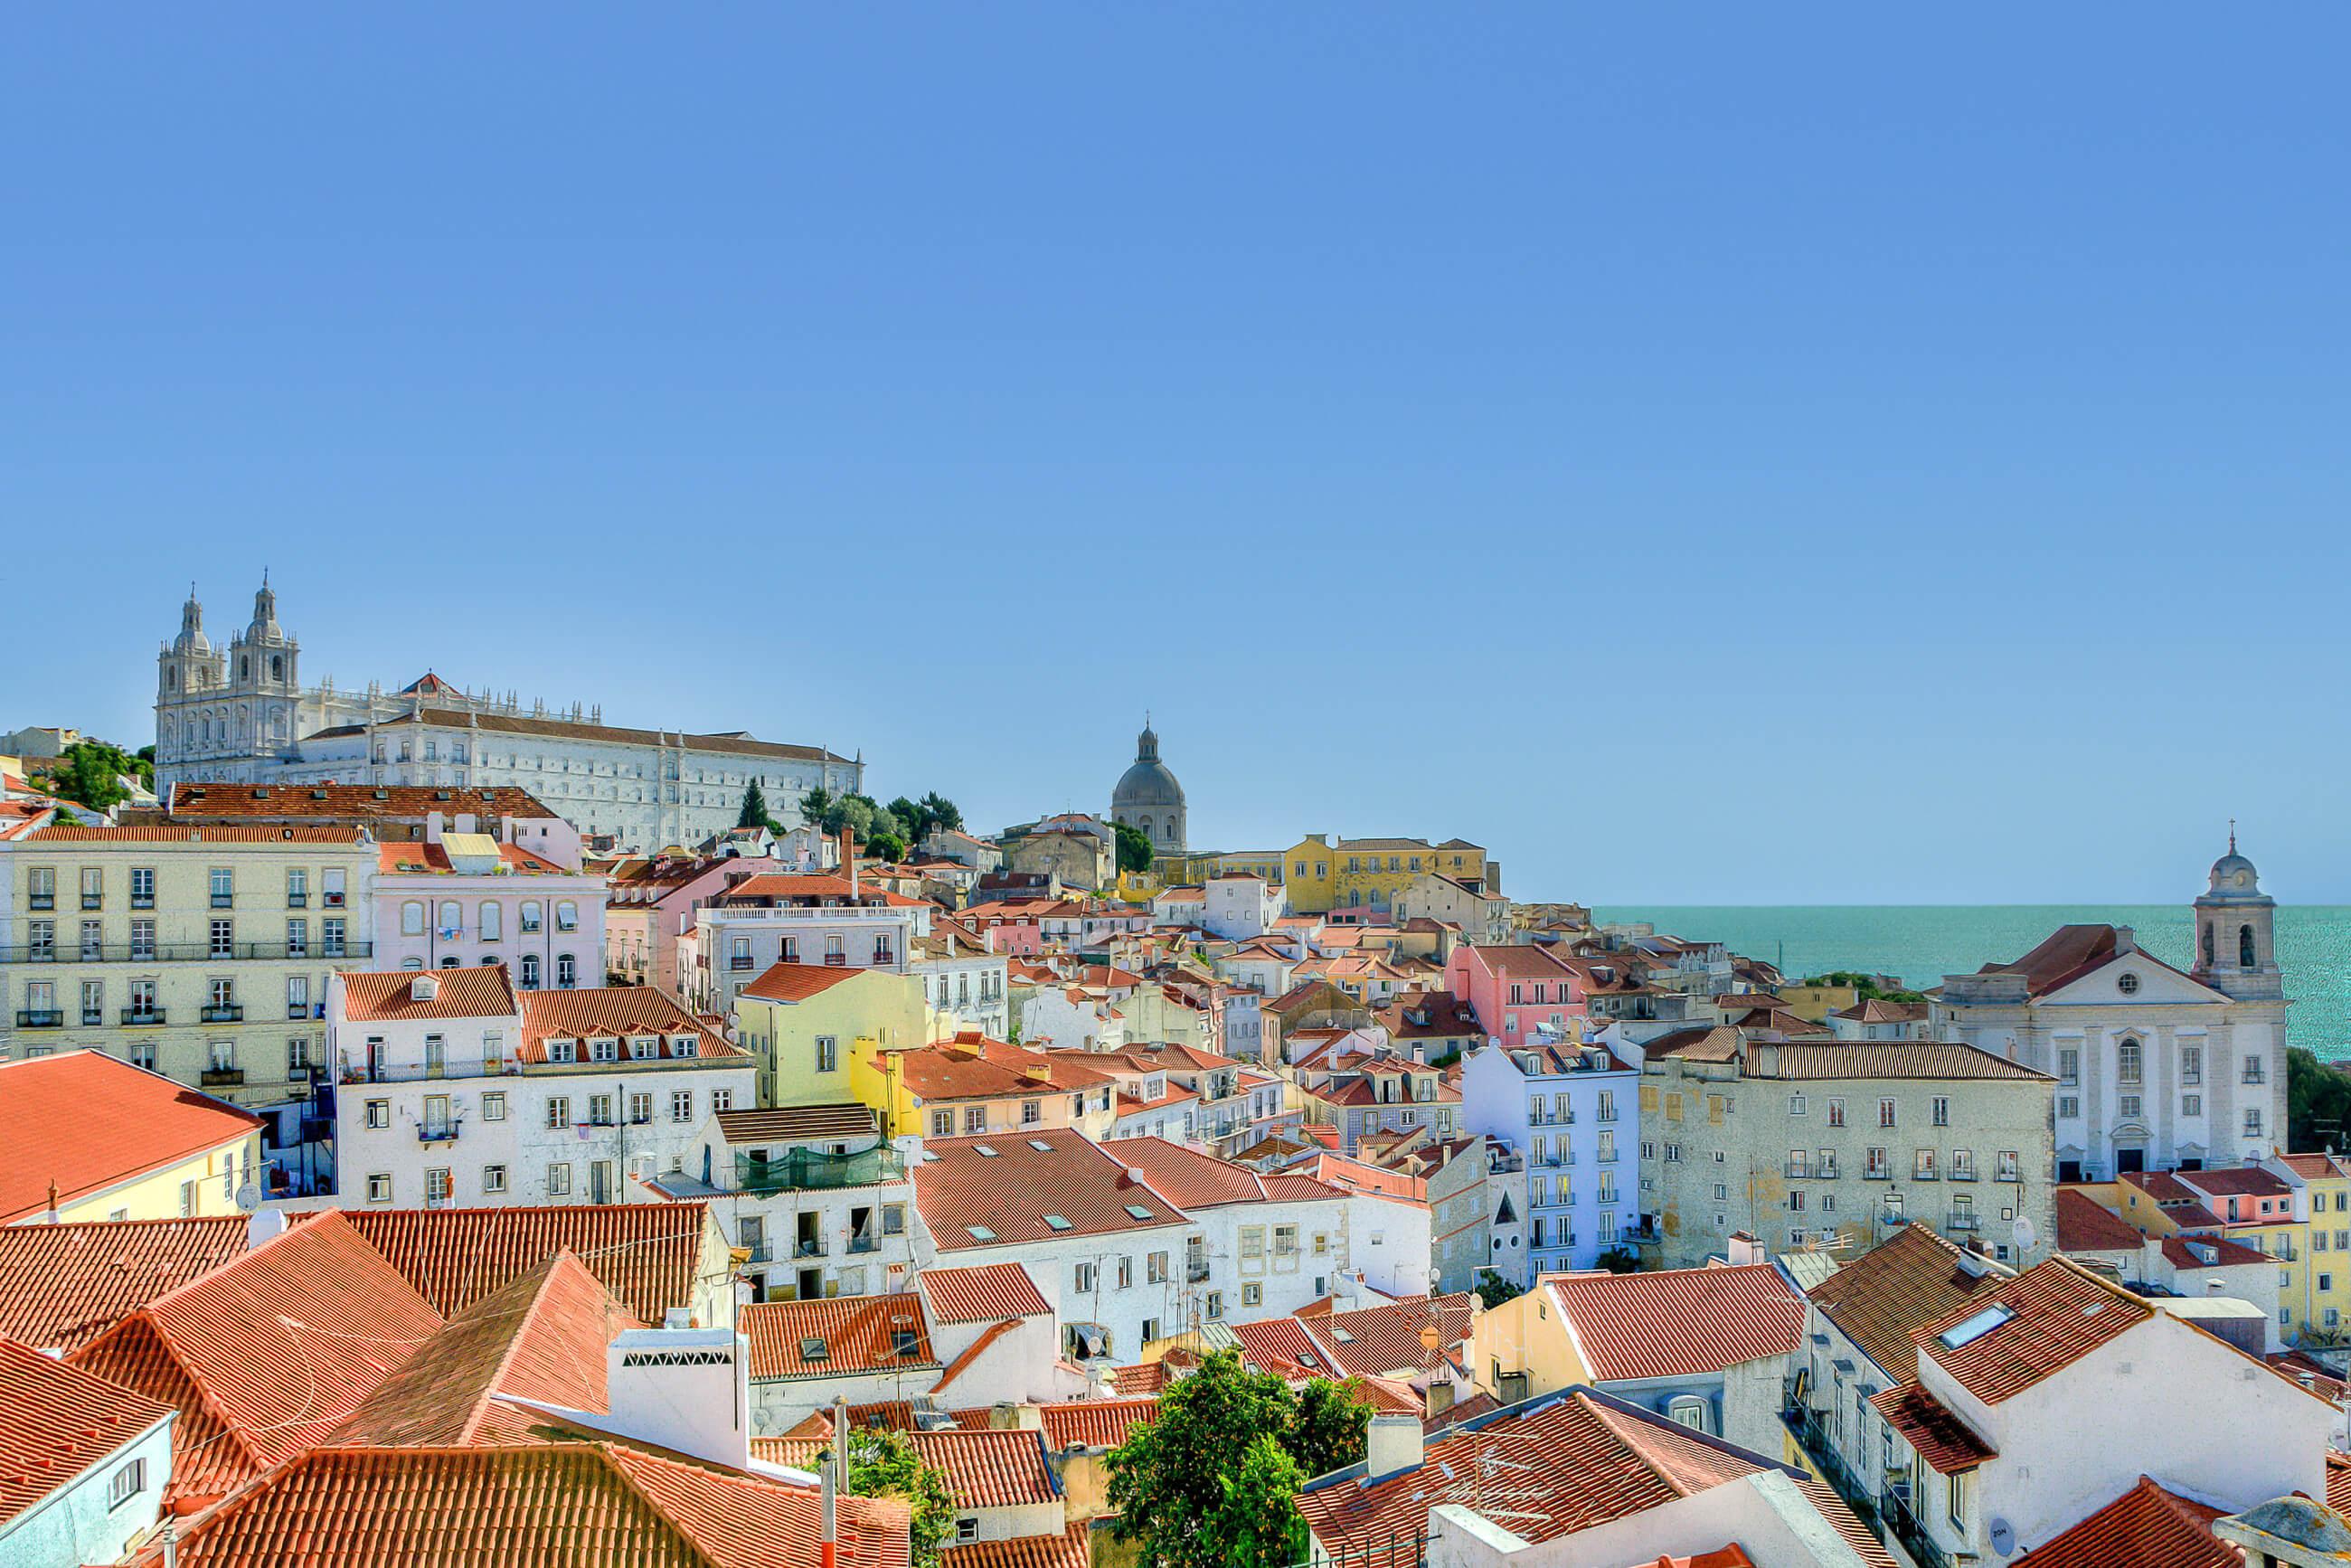 https://bubo.sk/uploads/galleries/7377/city-houses-lisbon-9253.jpg